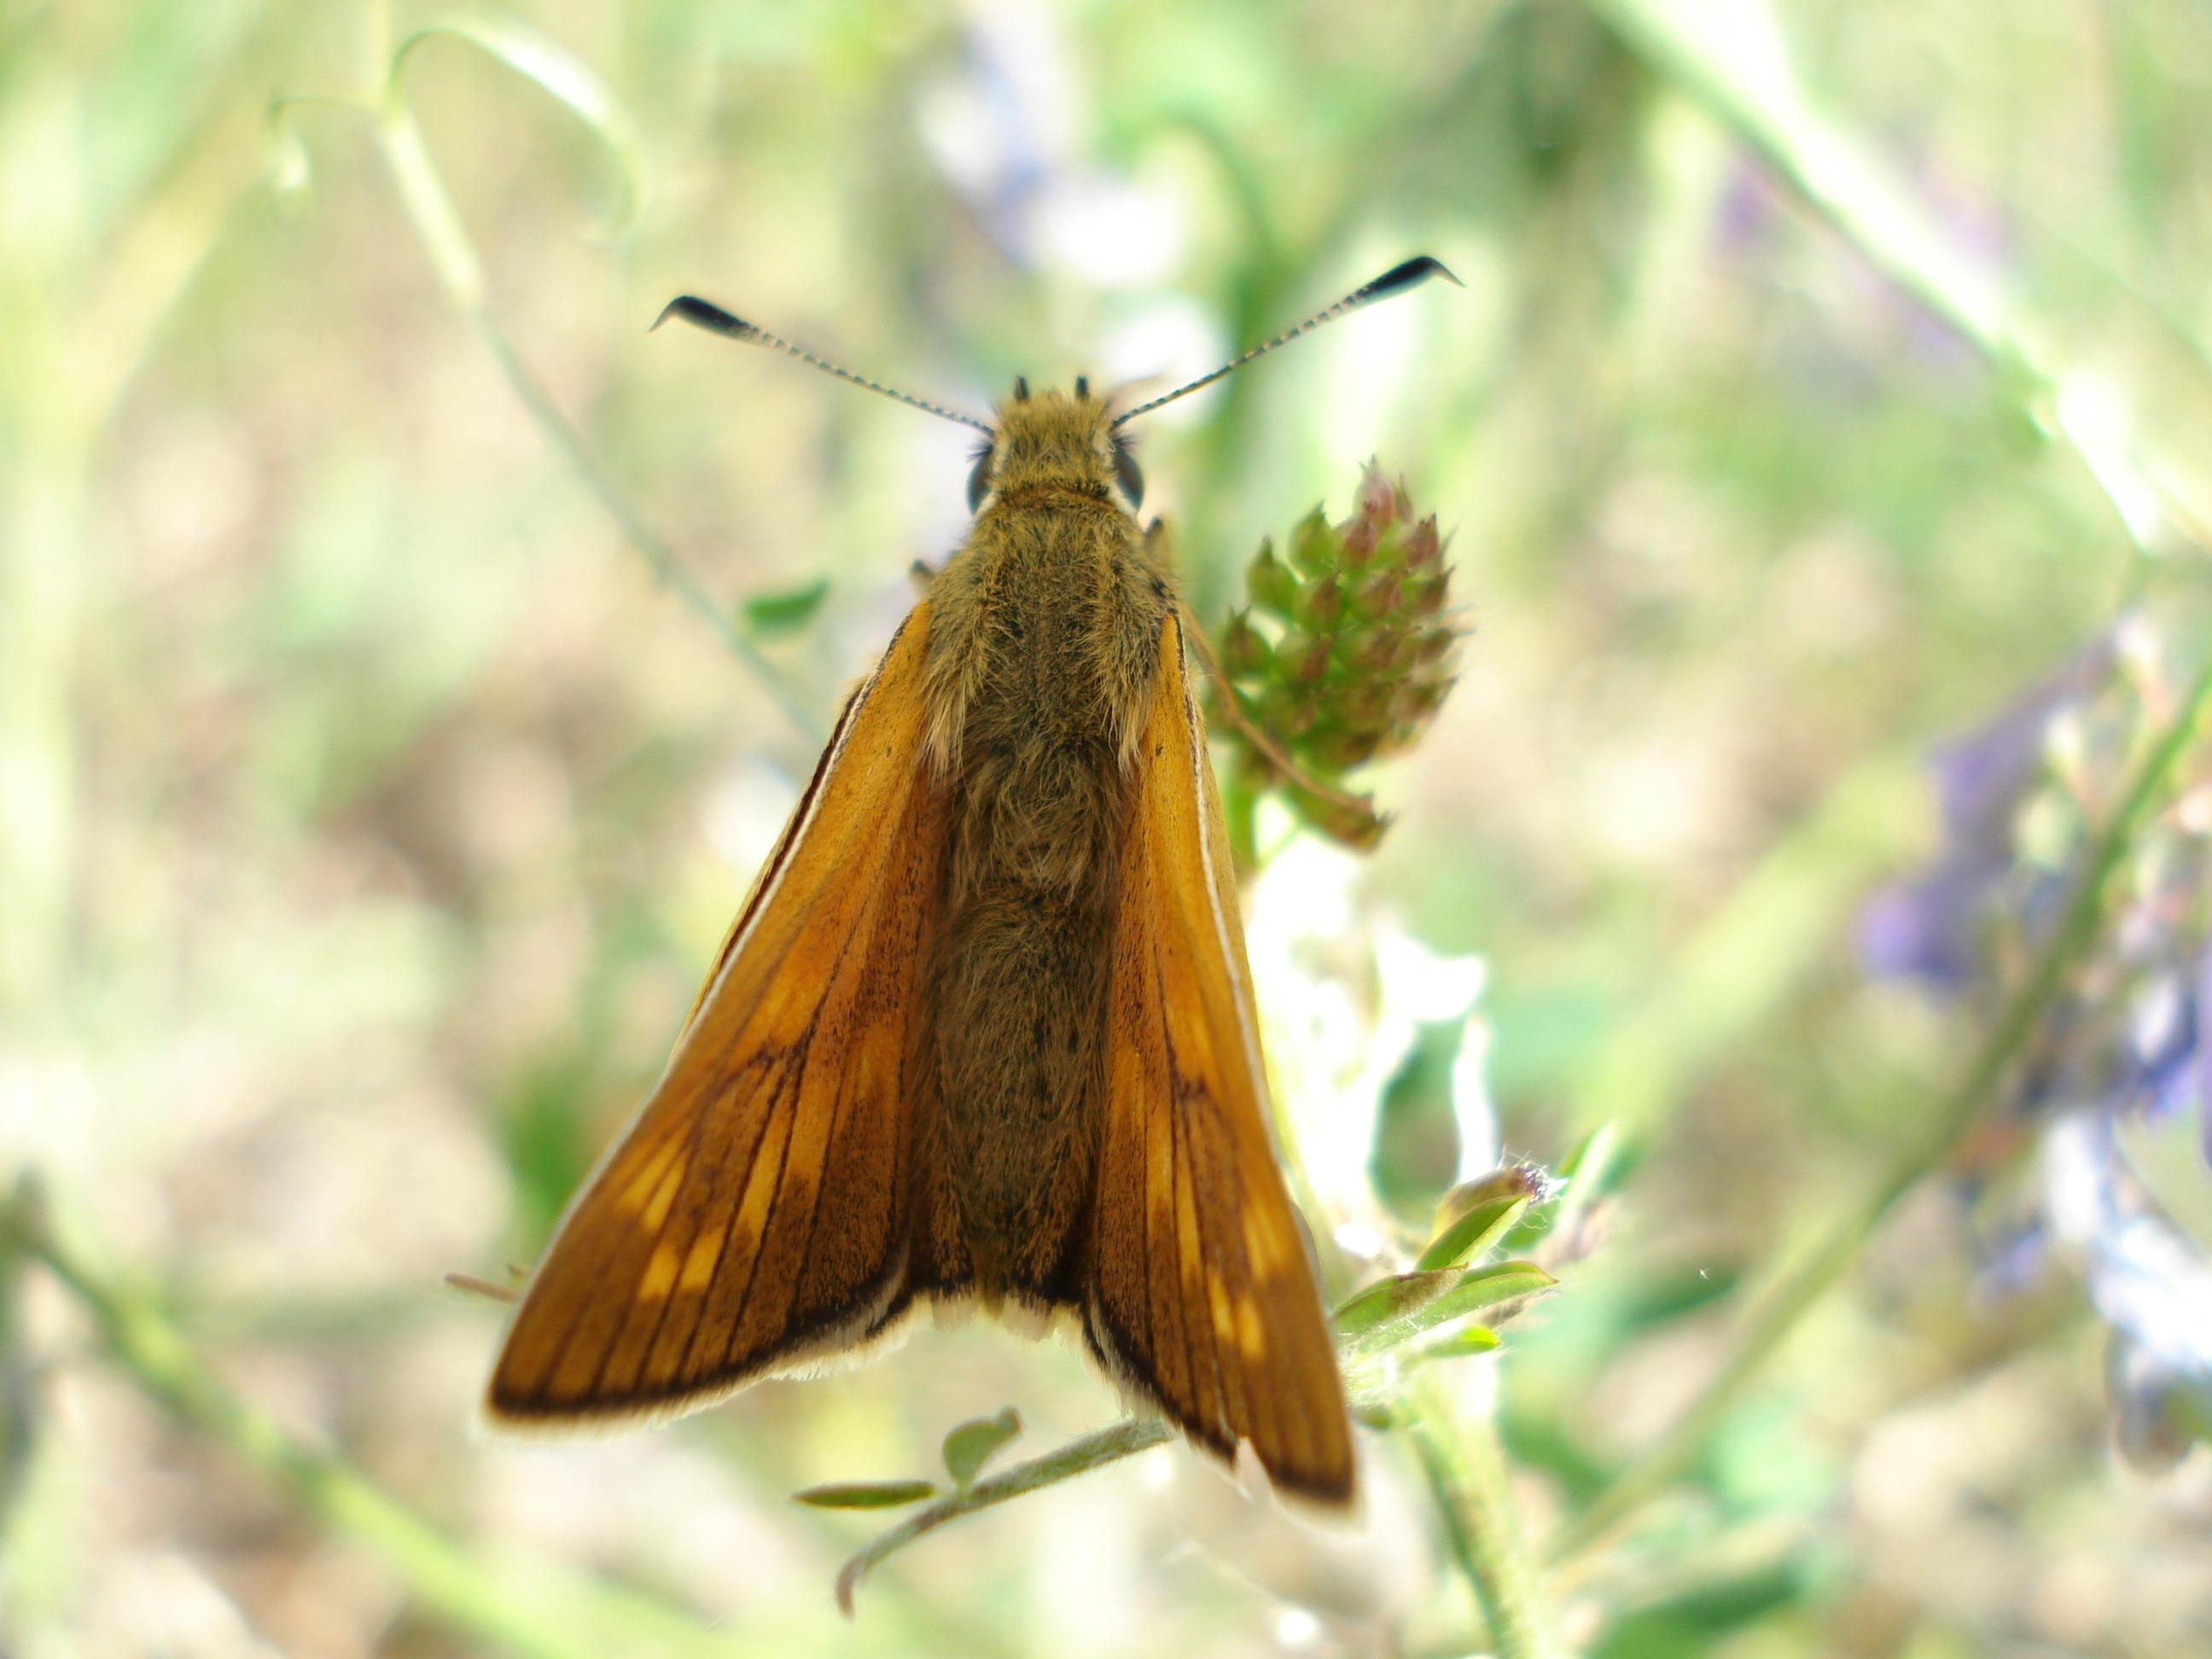 Fotoğraf Doğa Kanat çayır çiçek Vahşi Hayat Portakal Böcek